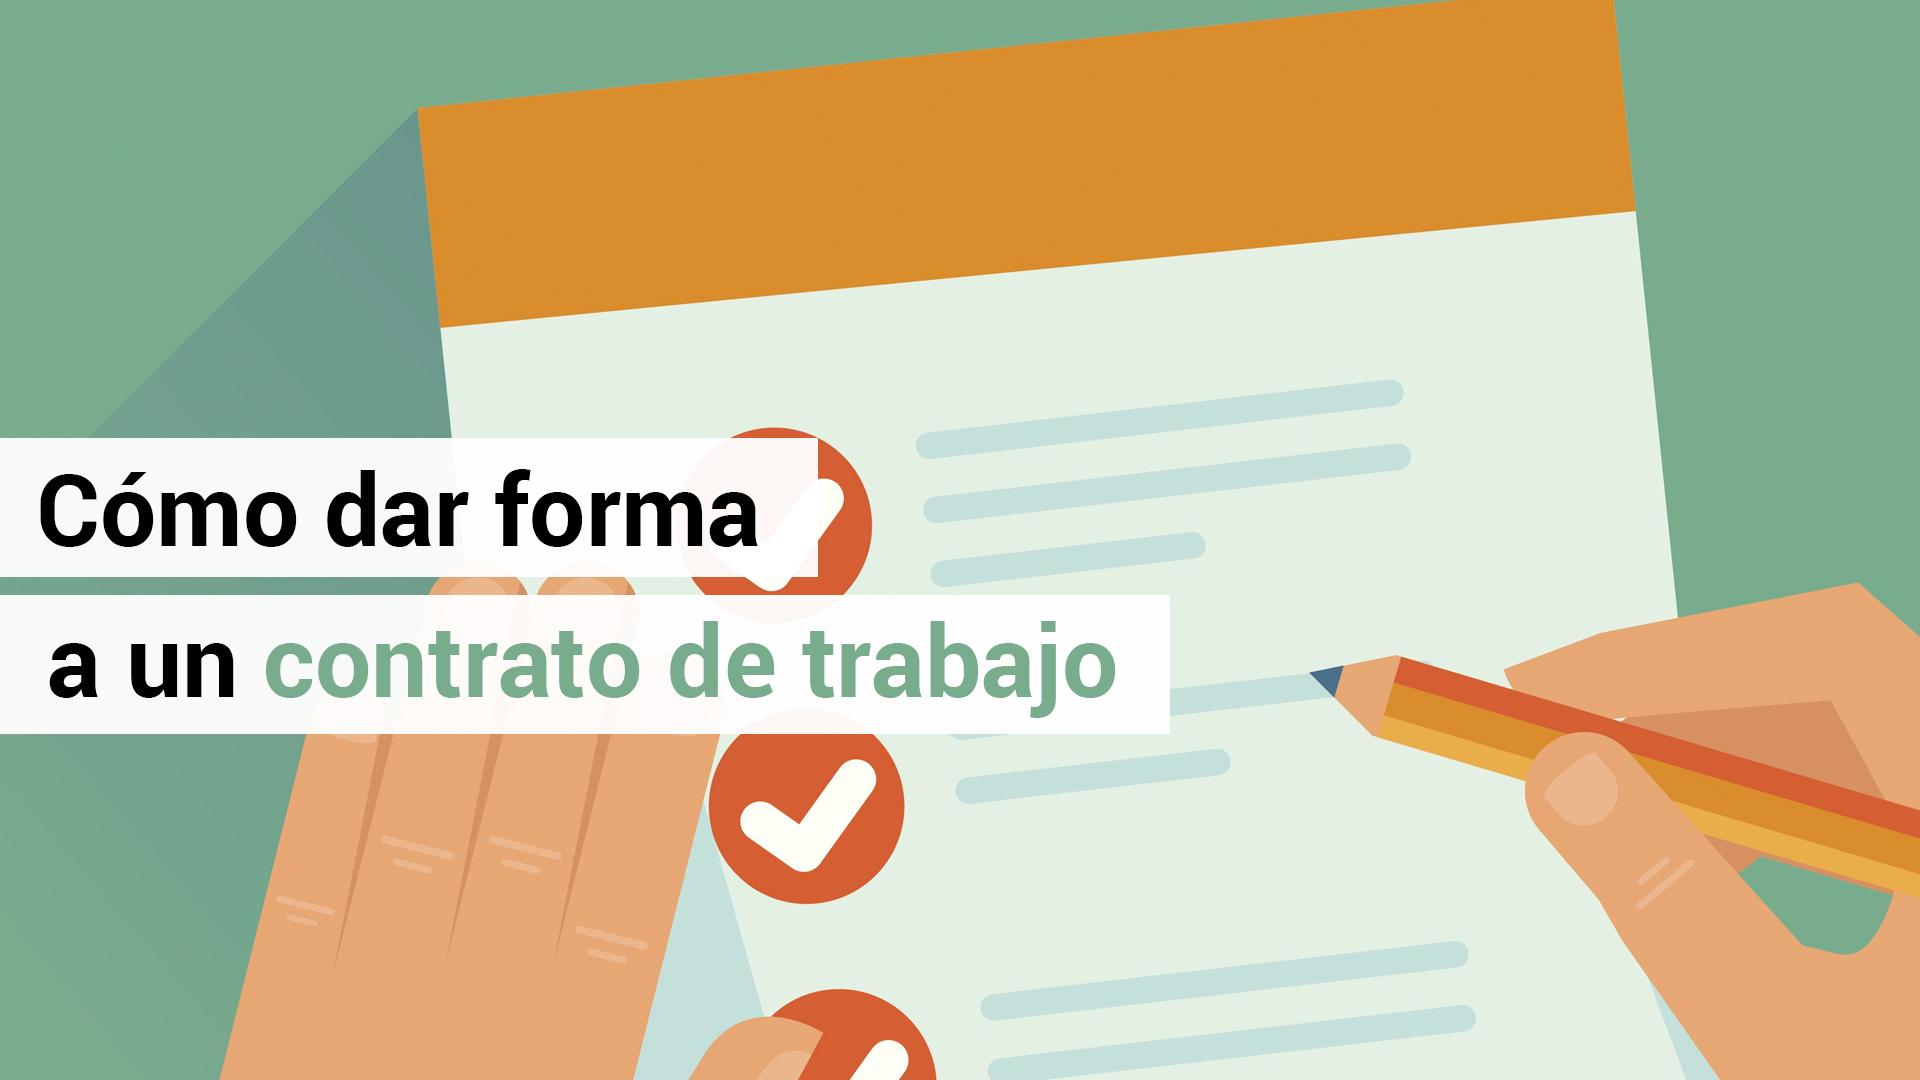 ¿Sabes qué información debe contener el contrato de trabajo?